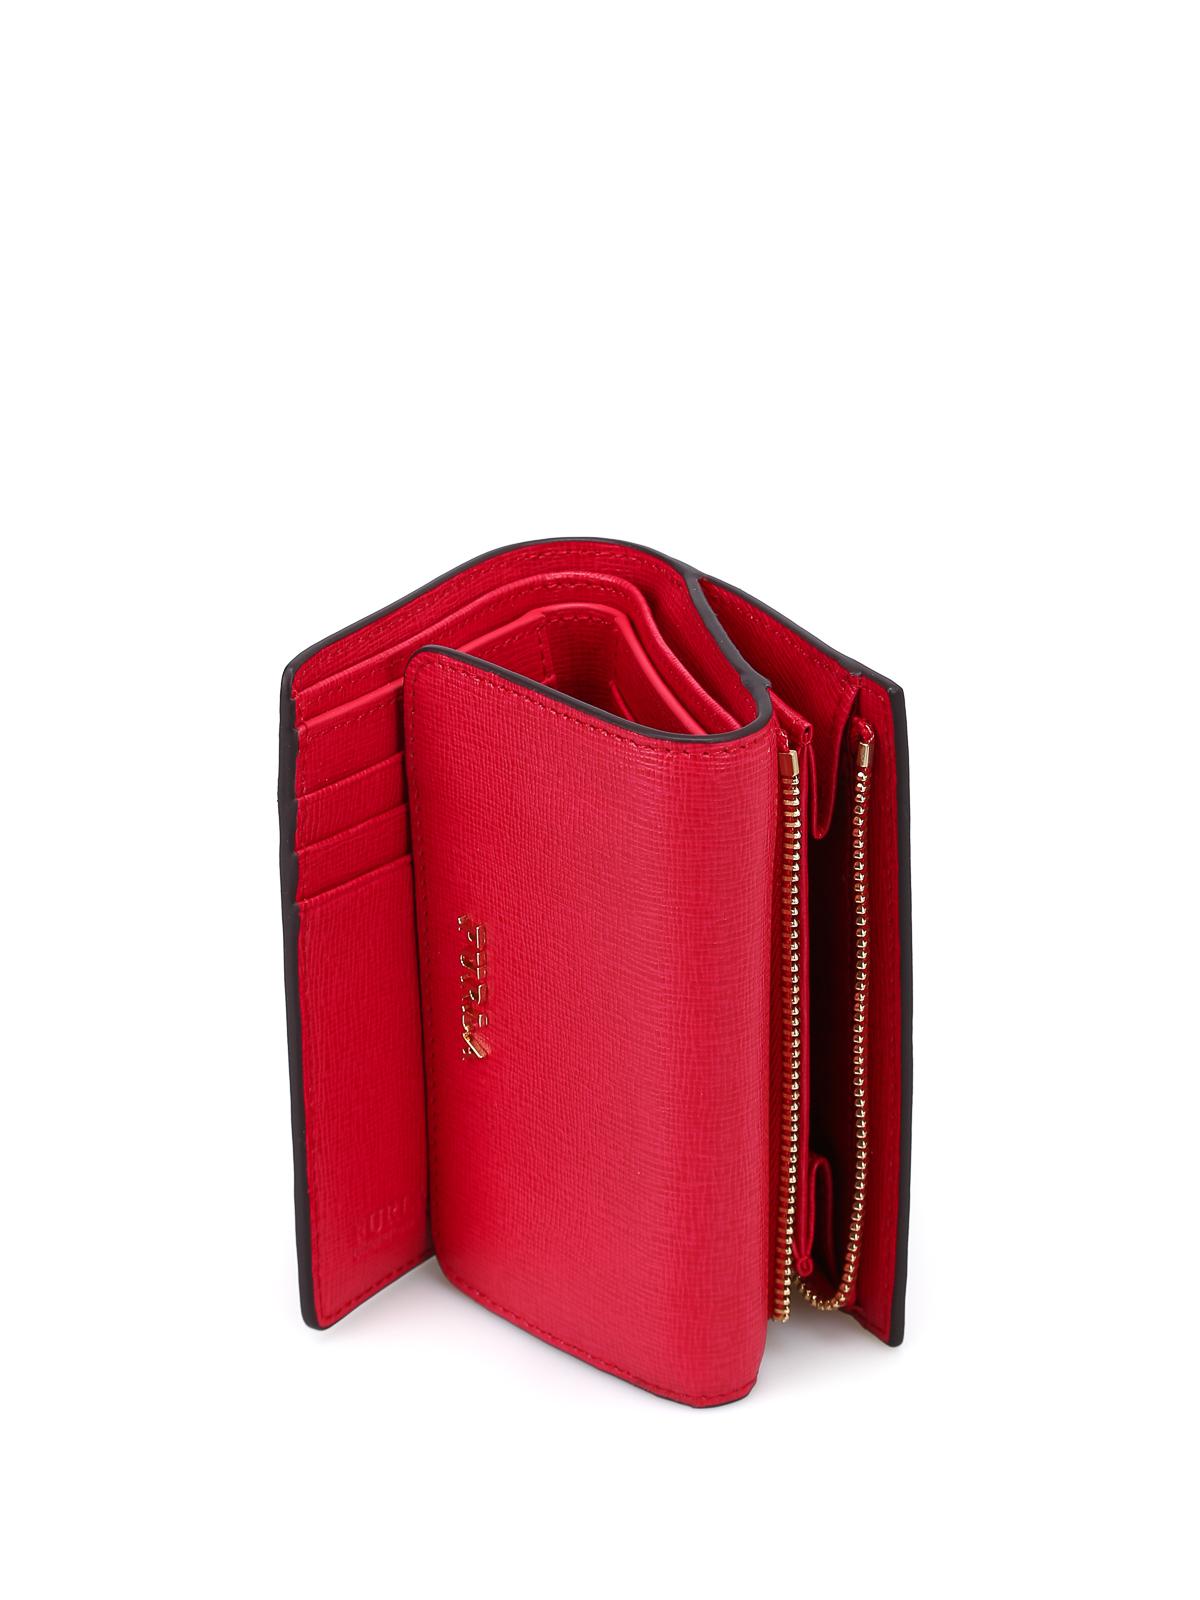 disponibilità nel Regno Unito f5ca7 0c44b Furla - Portafoglio rosso Babylon piccolo - portafogli - 872819